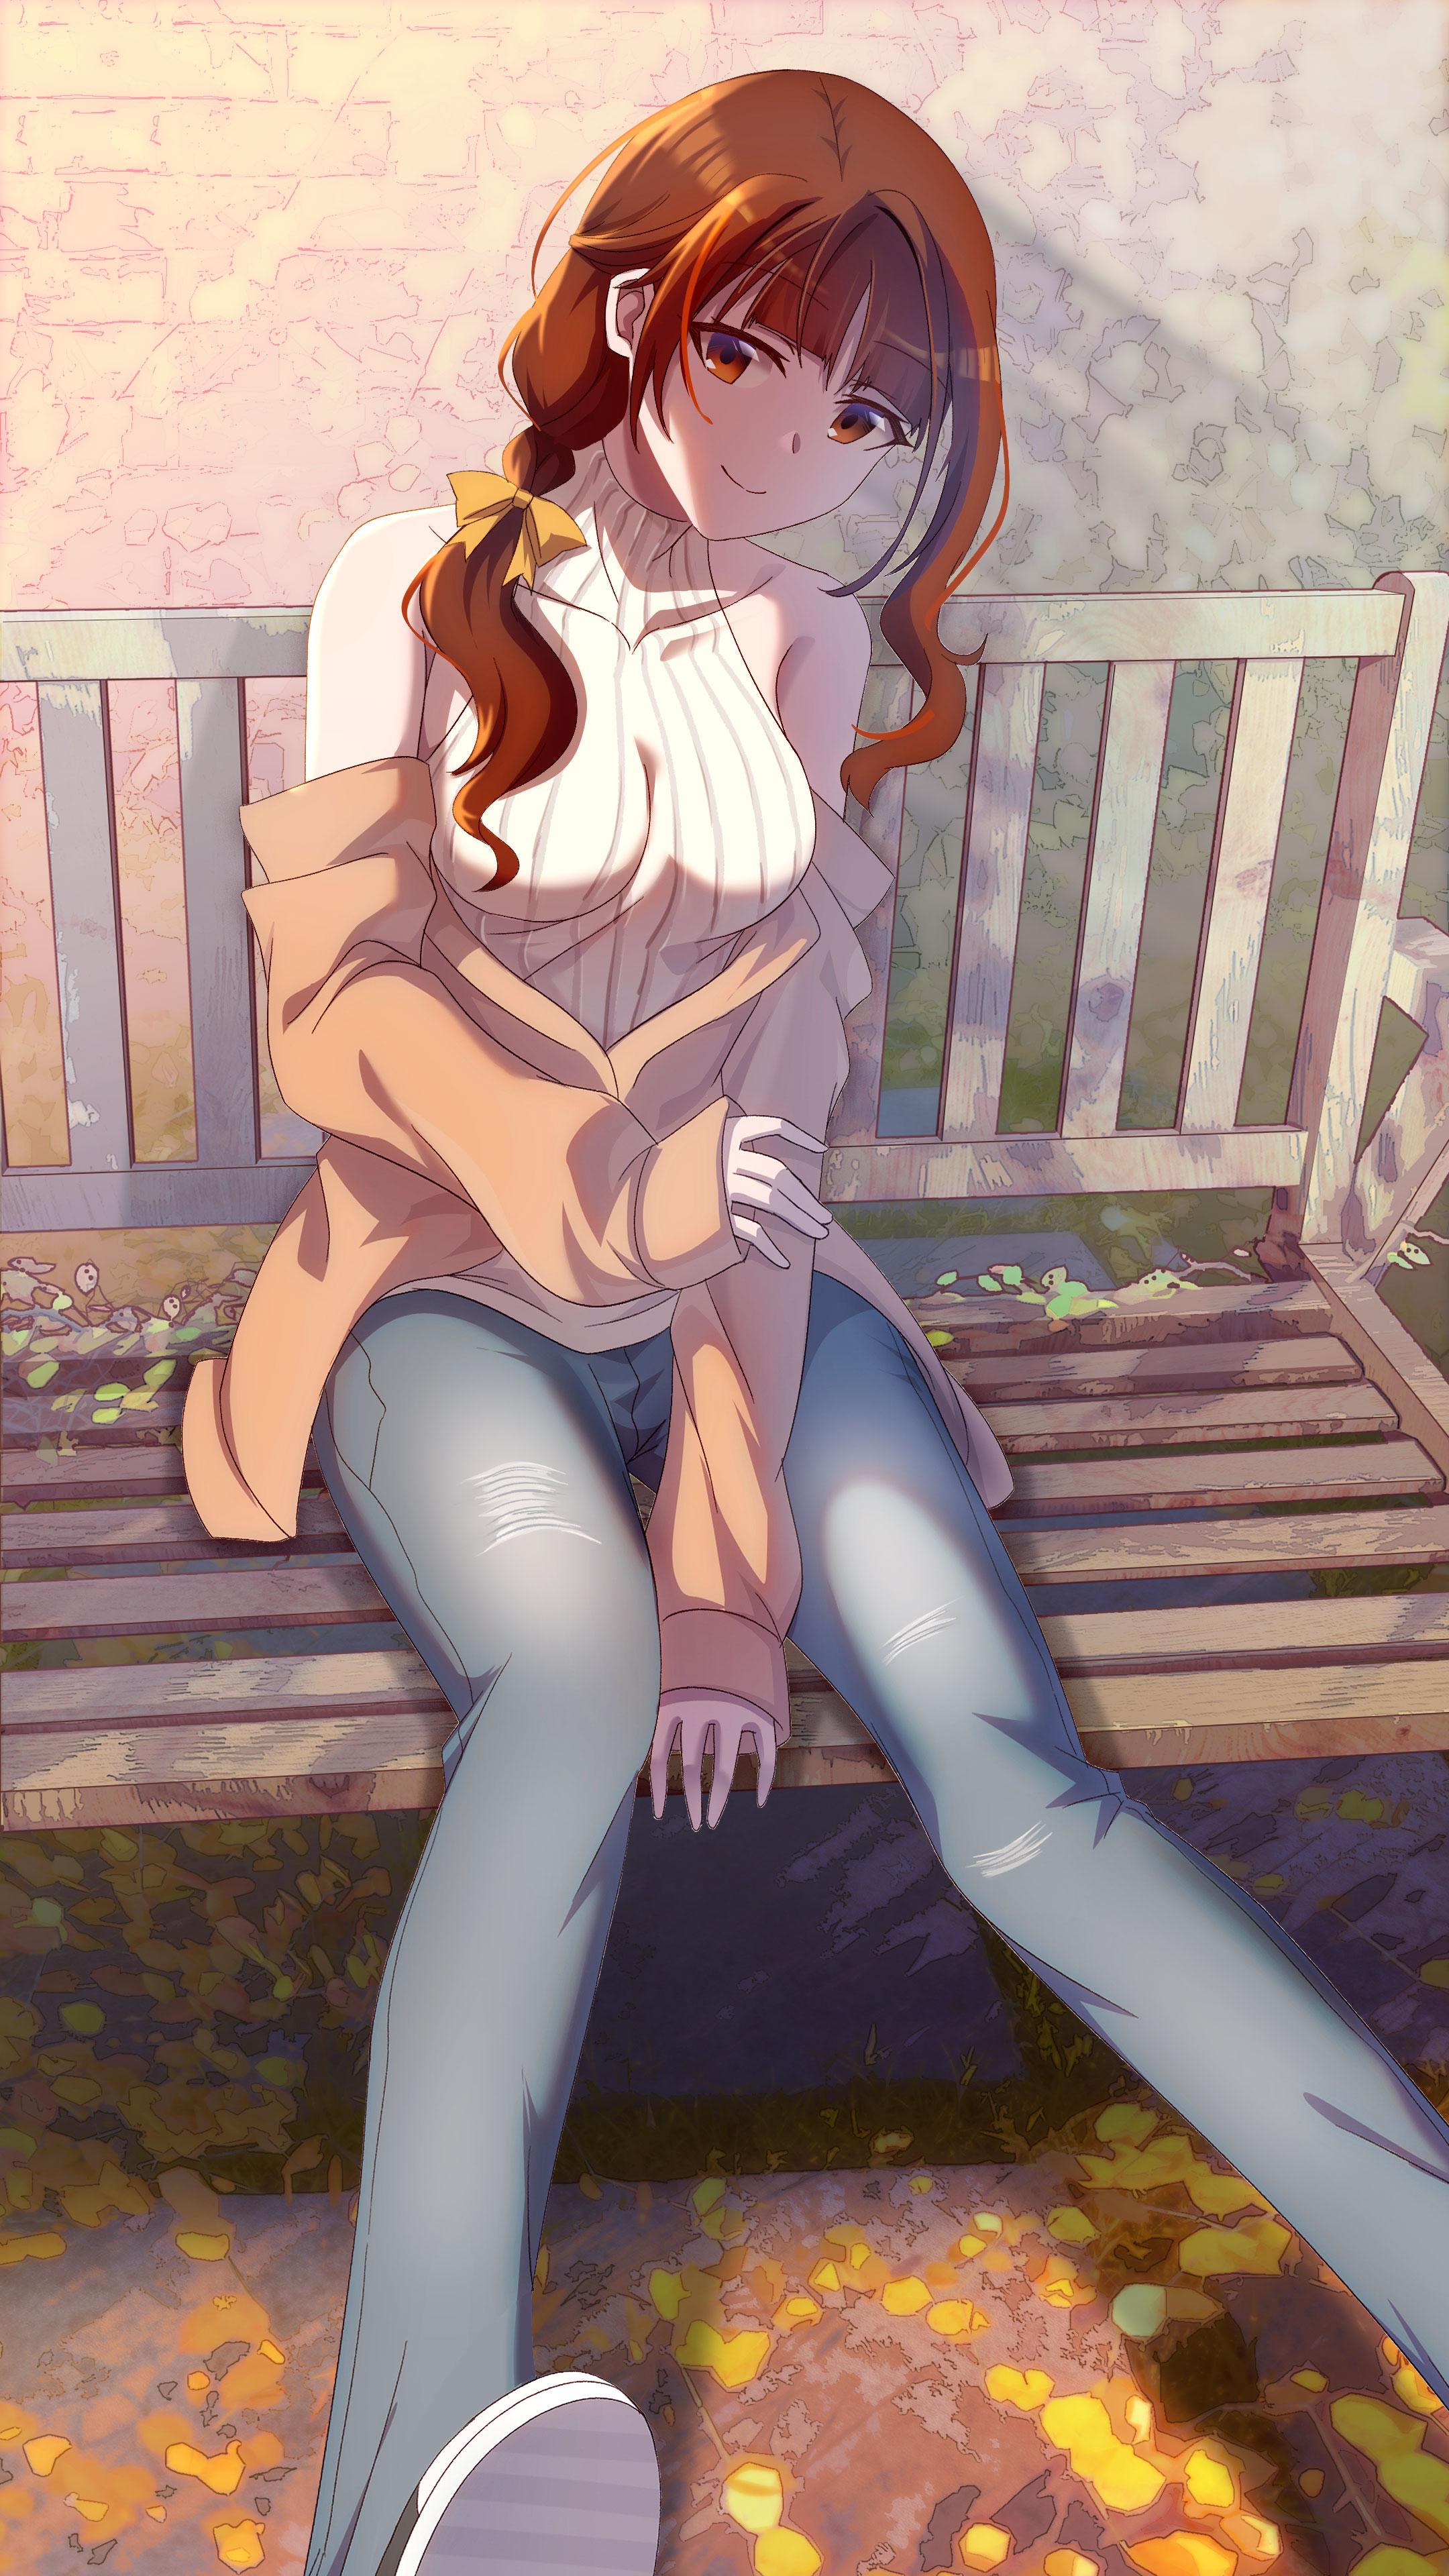 Autumn [Original]